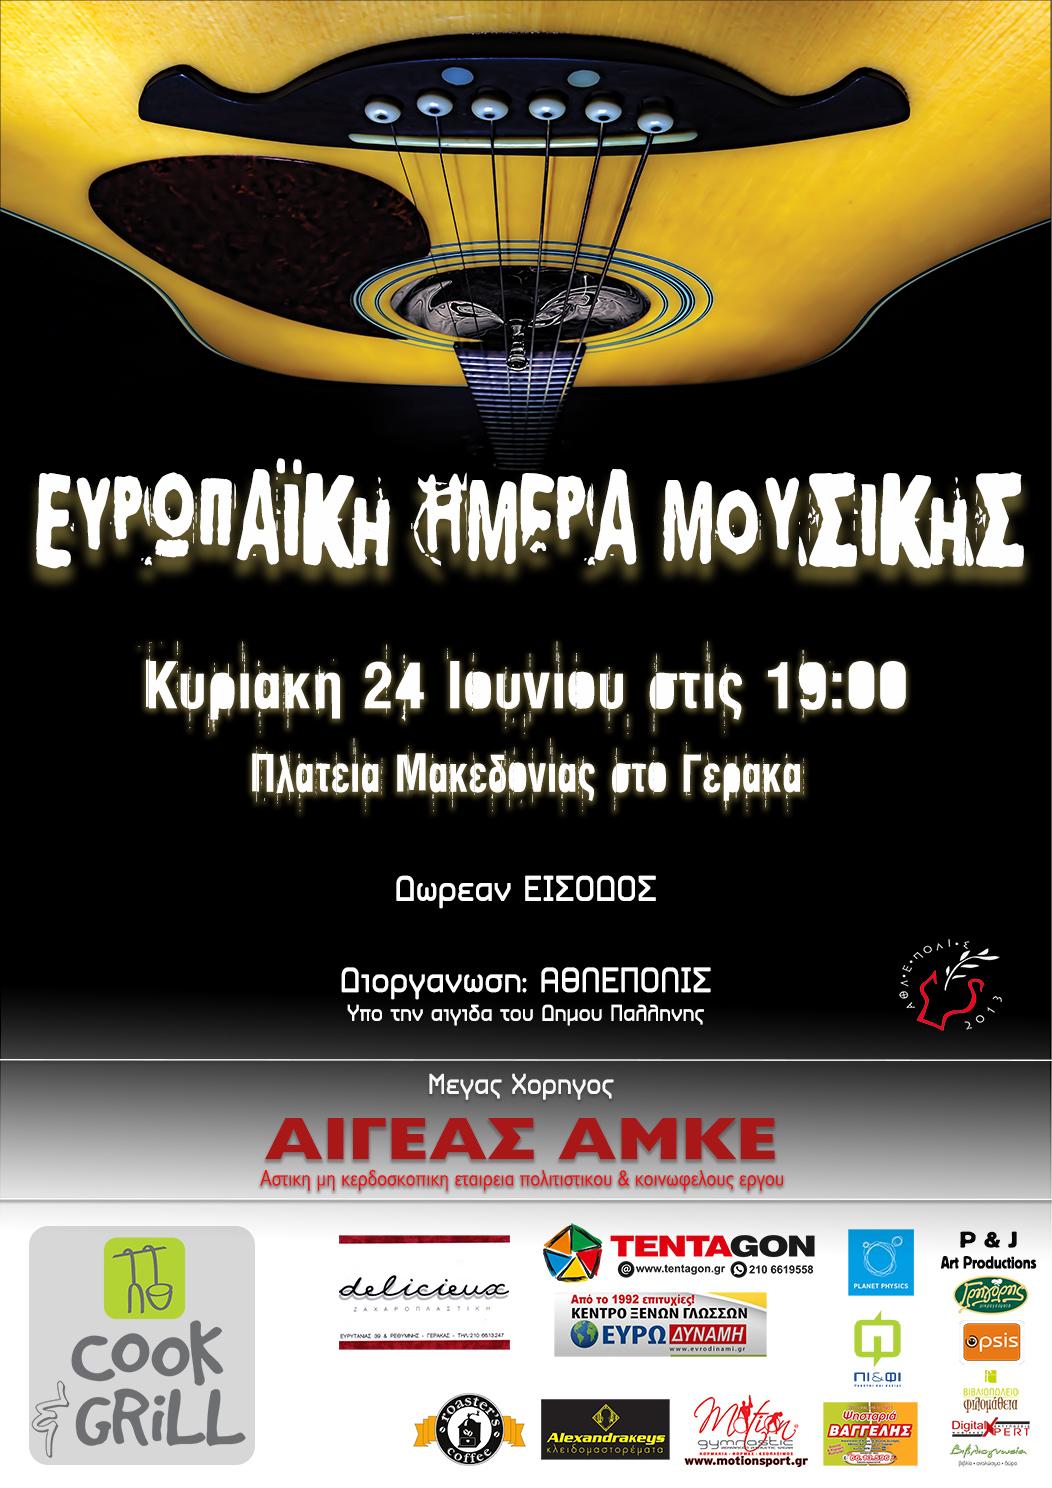 Ευρωπαϊκή Ημέρα Μουσικής 2